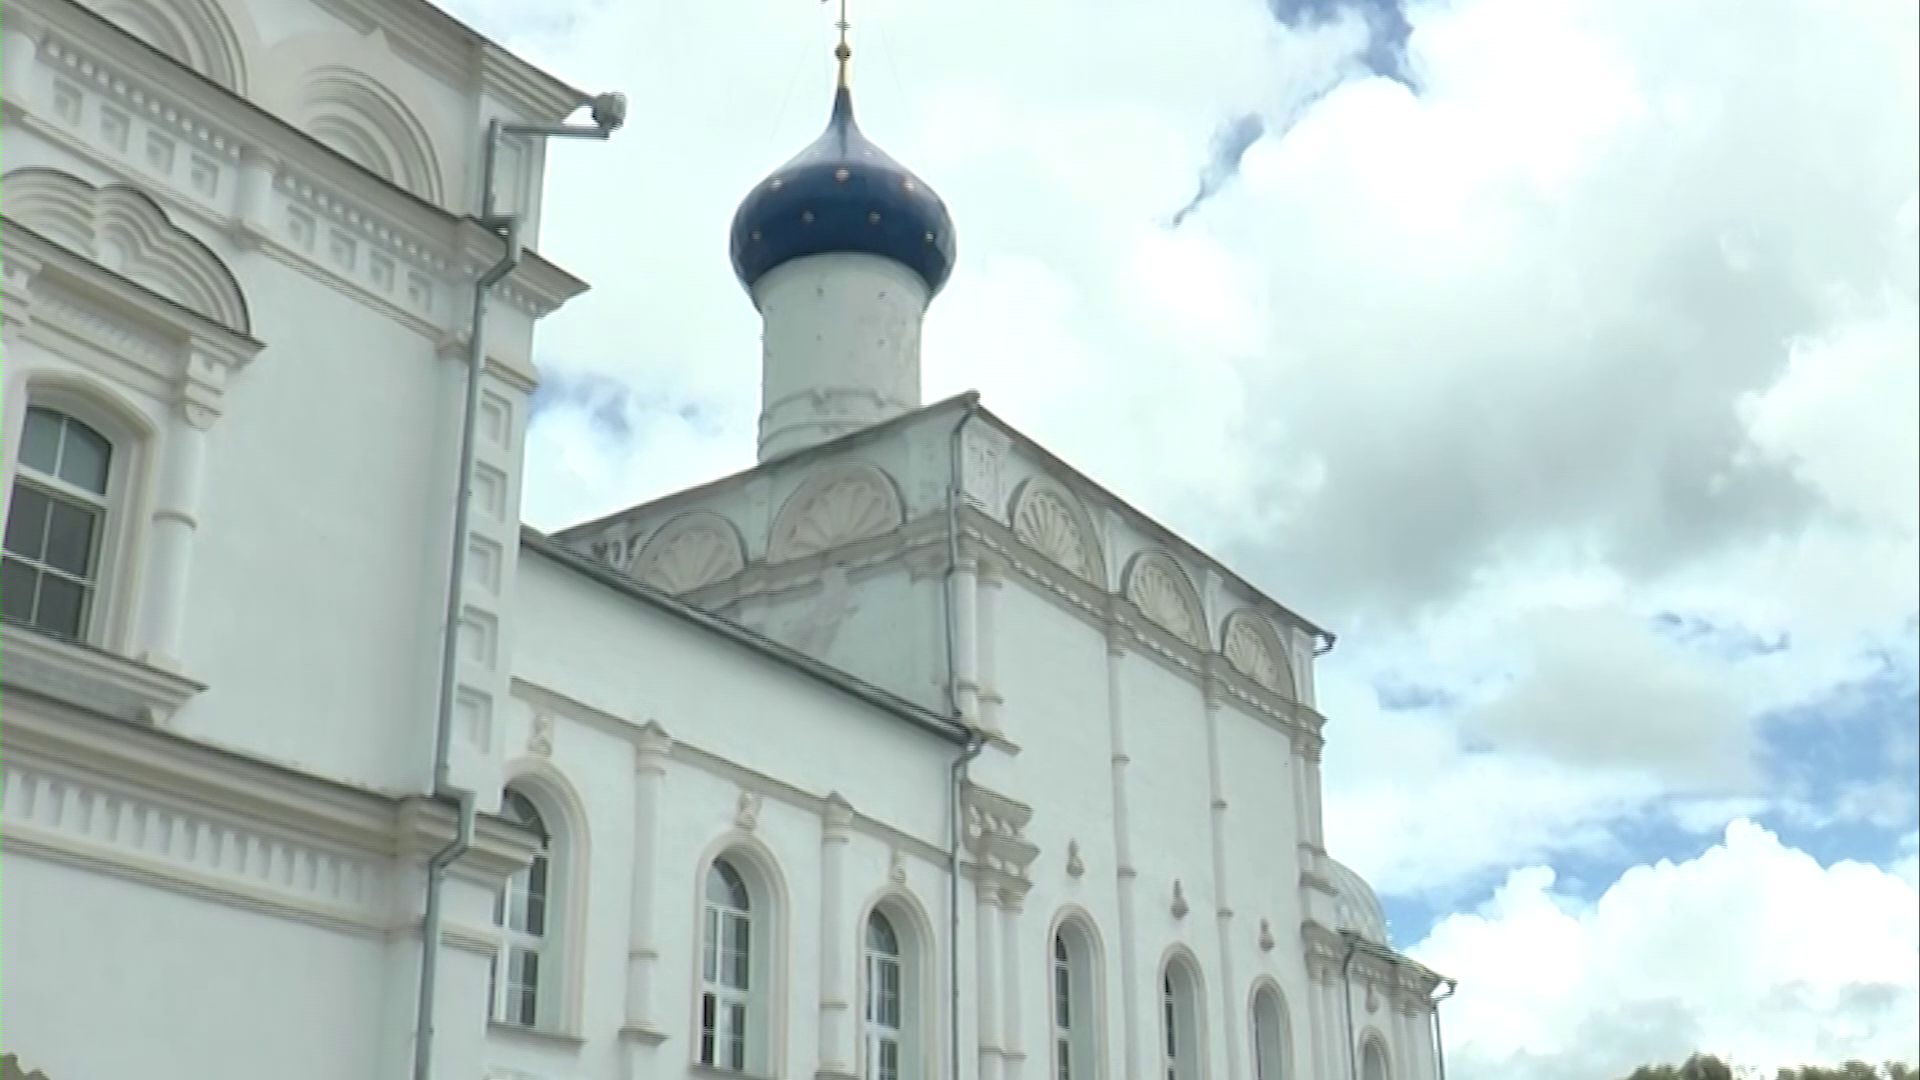 Следователи раскрыли громкое убийство настоятеля Свято-Троицкого монастыря в Переславле